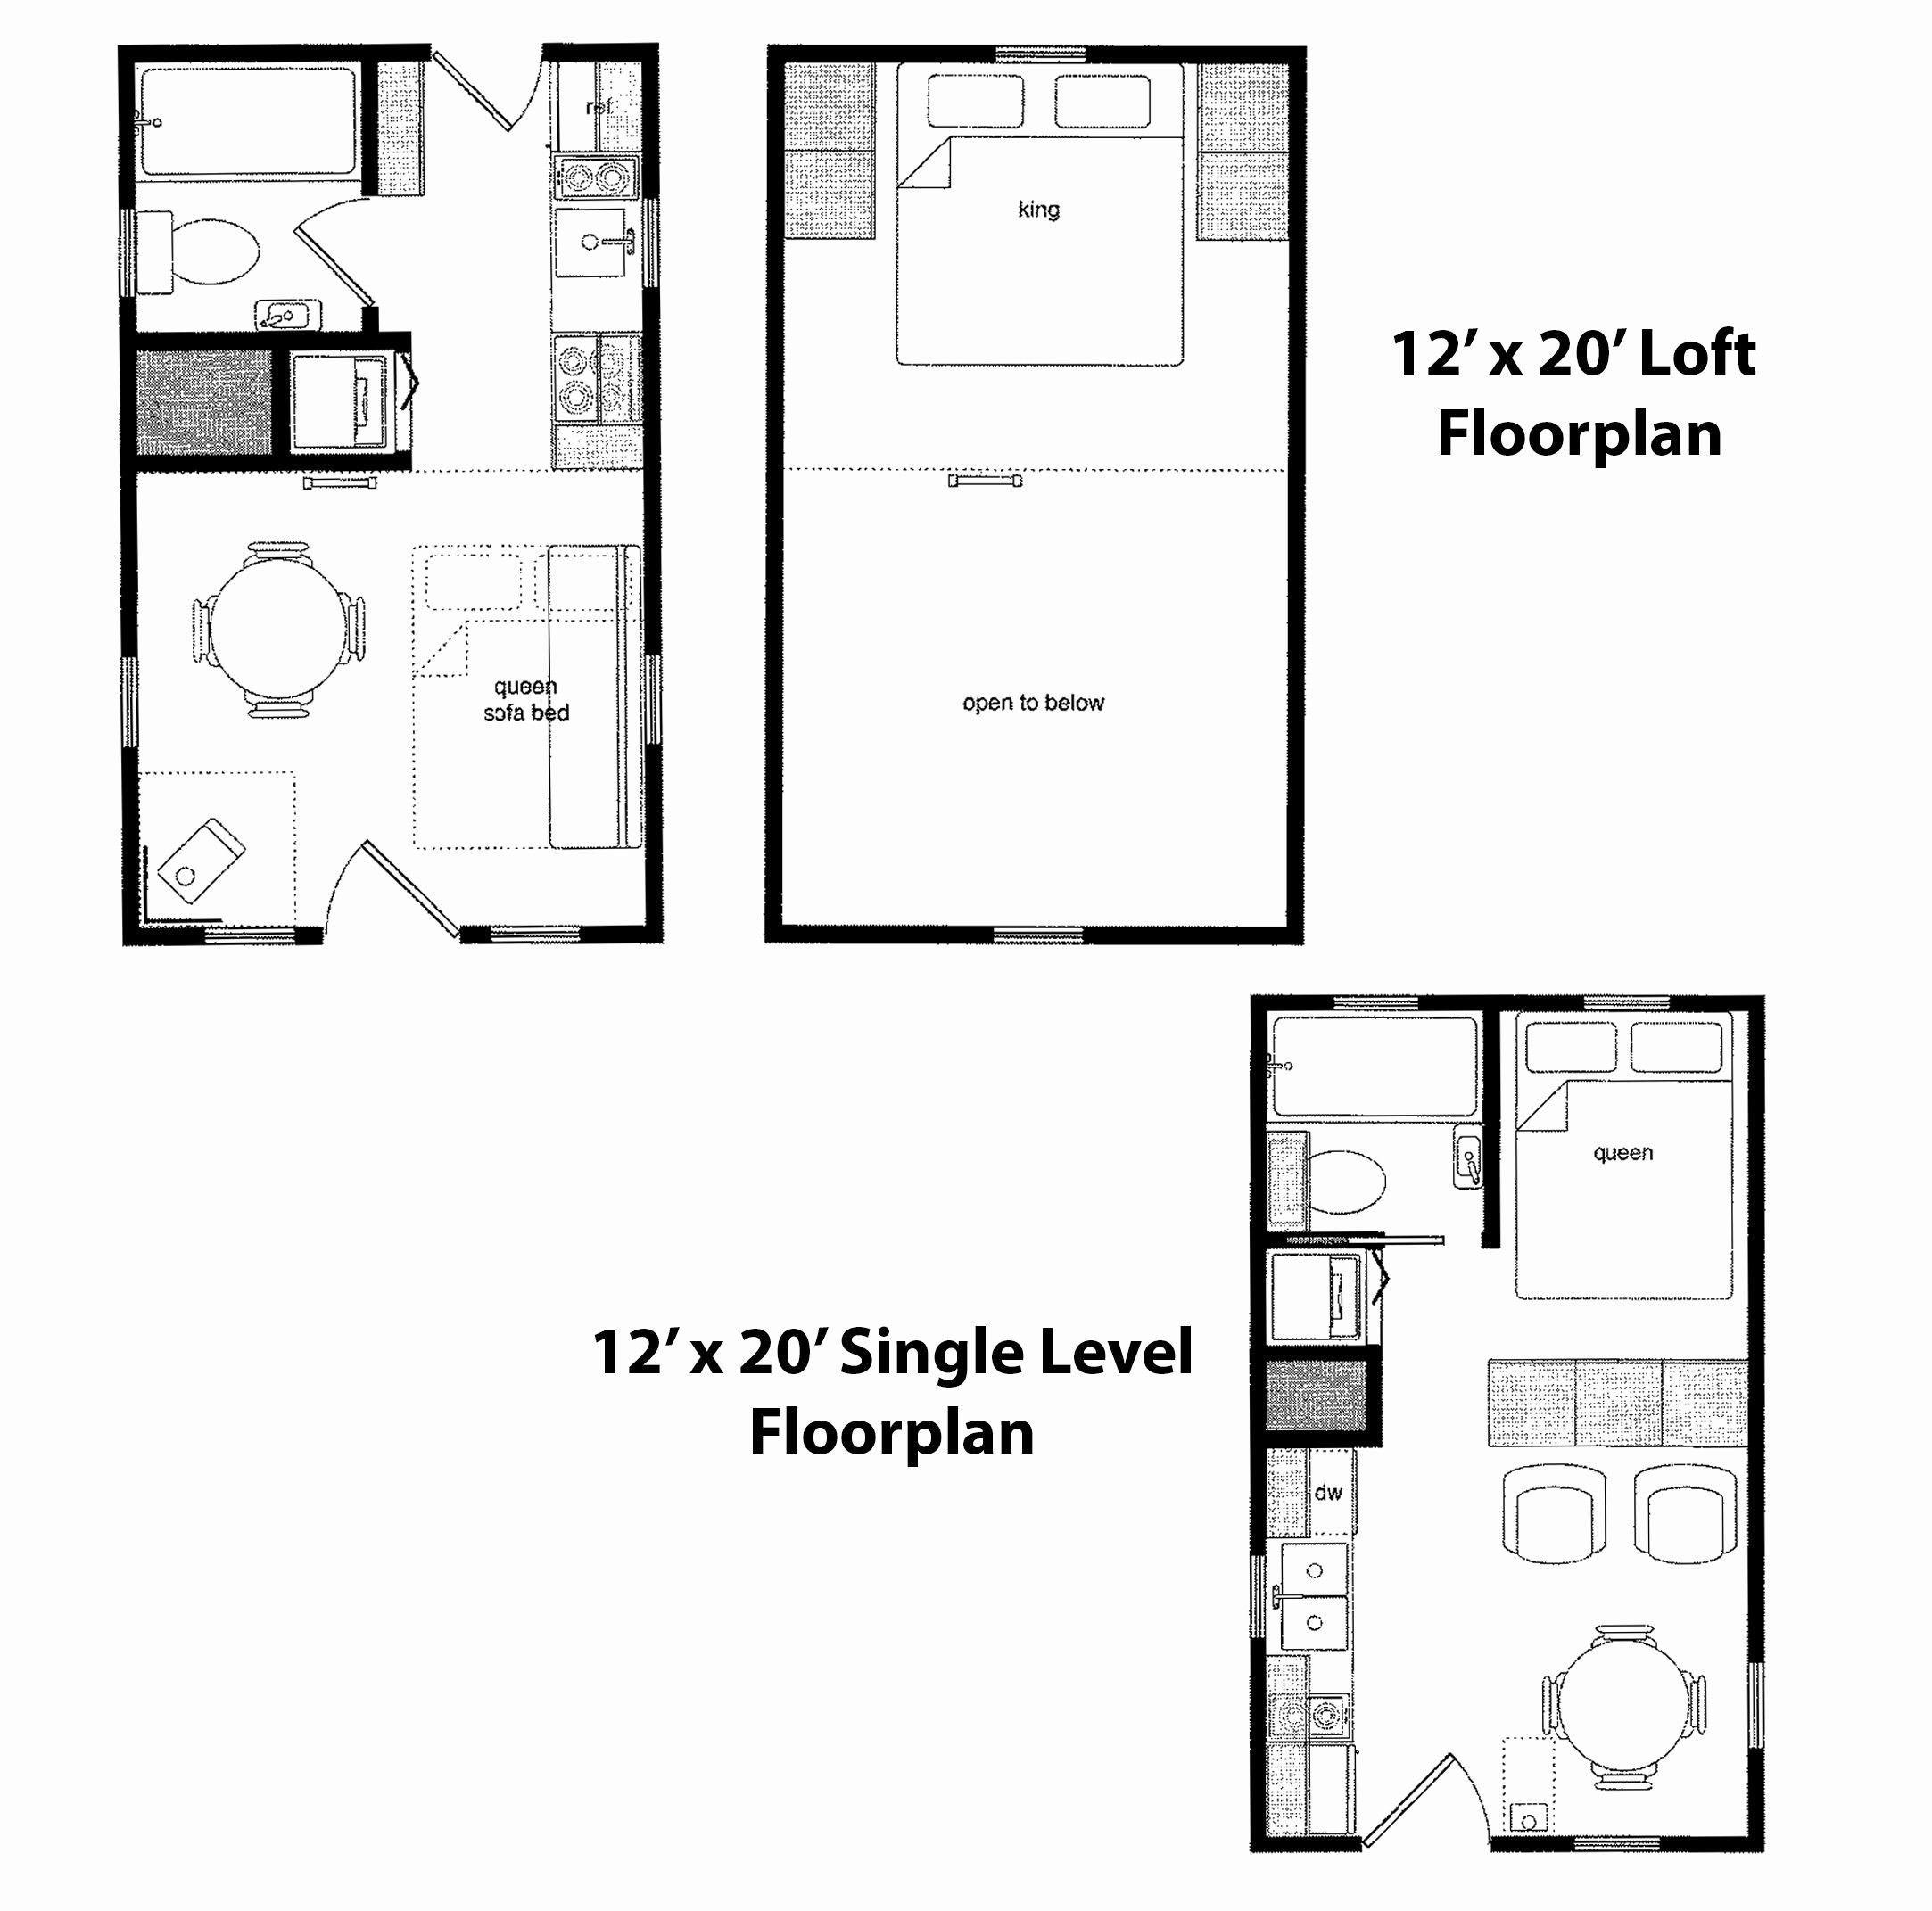 19 Open Floor Plan With Loft 12 24 Cabin Floor Plans Fresh 16 24 Floor Plan Best Jbr In 2020 Loft Floor Plans Cabin Floor Plans Tiny House Floor Plans